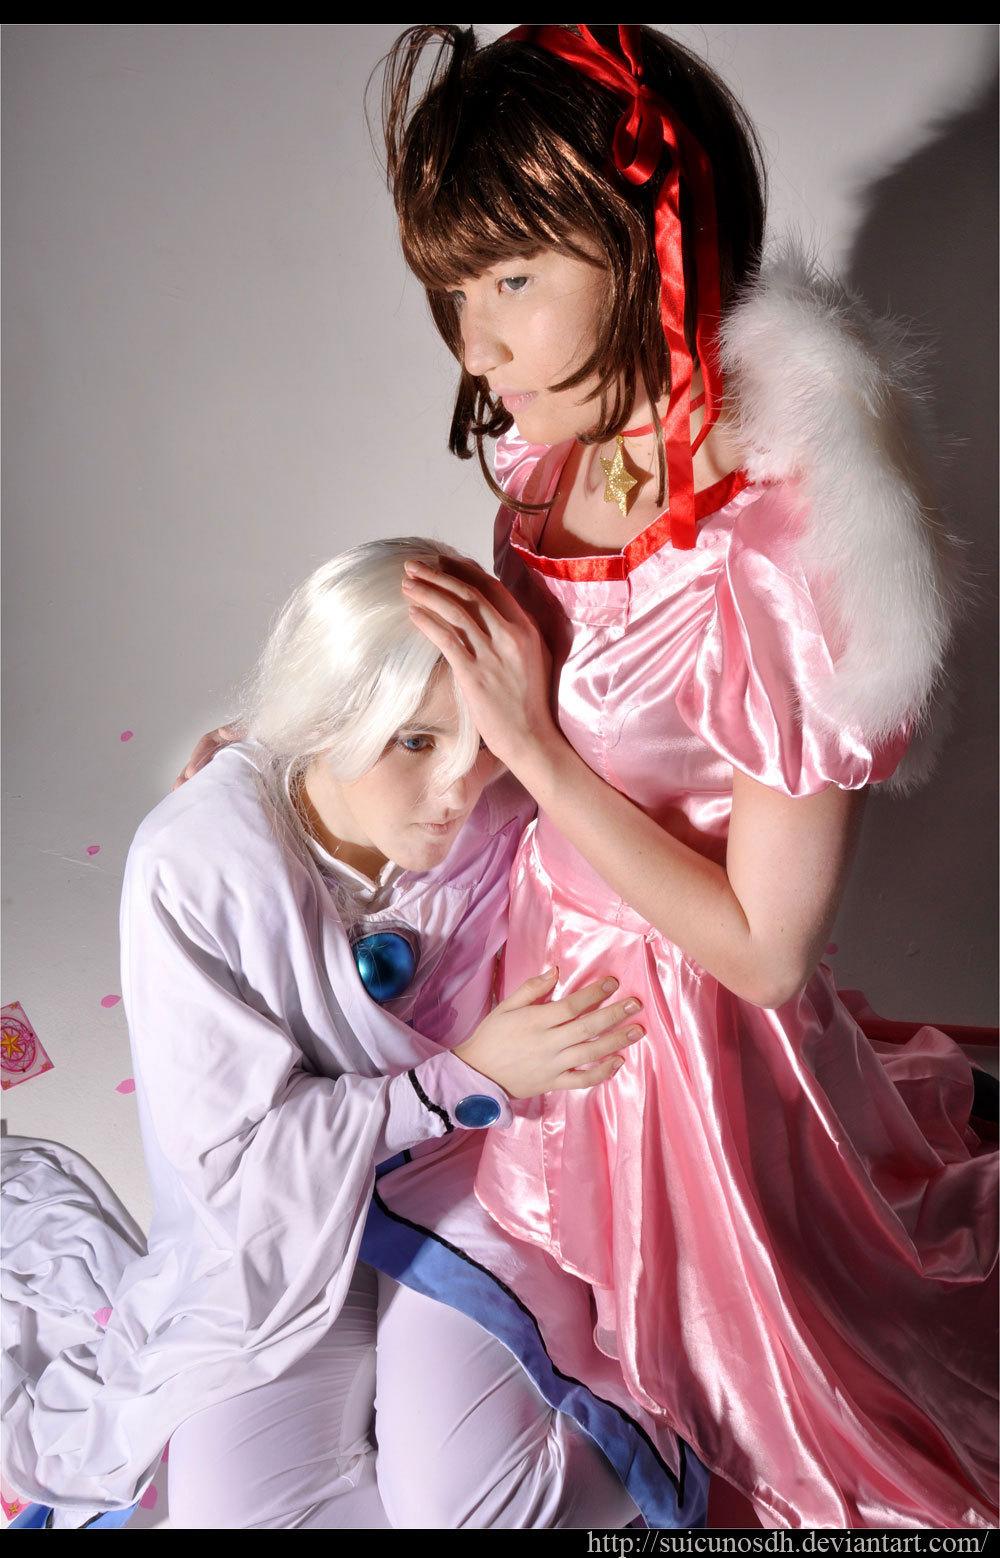 Yue and Sakura